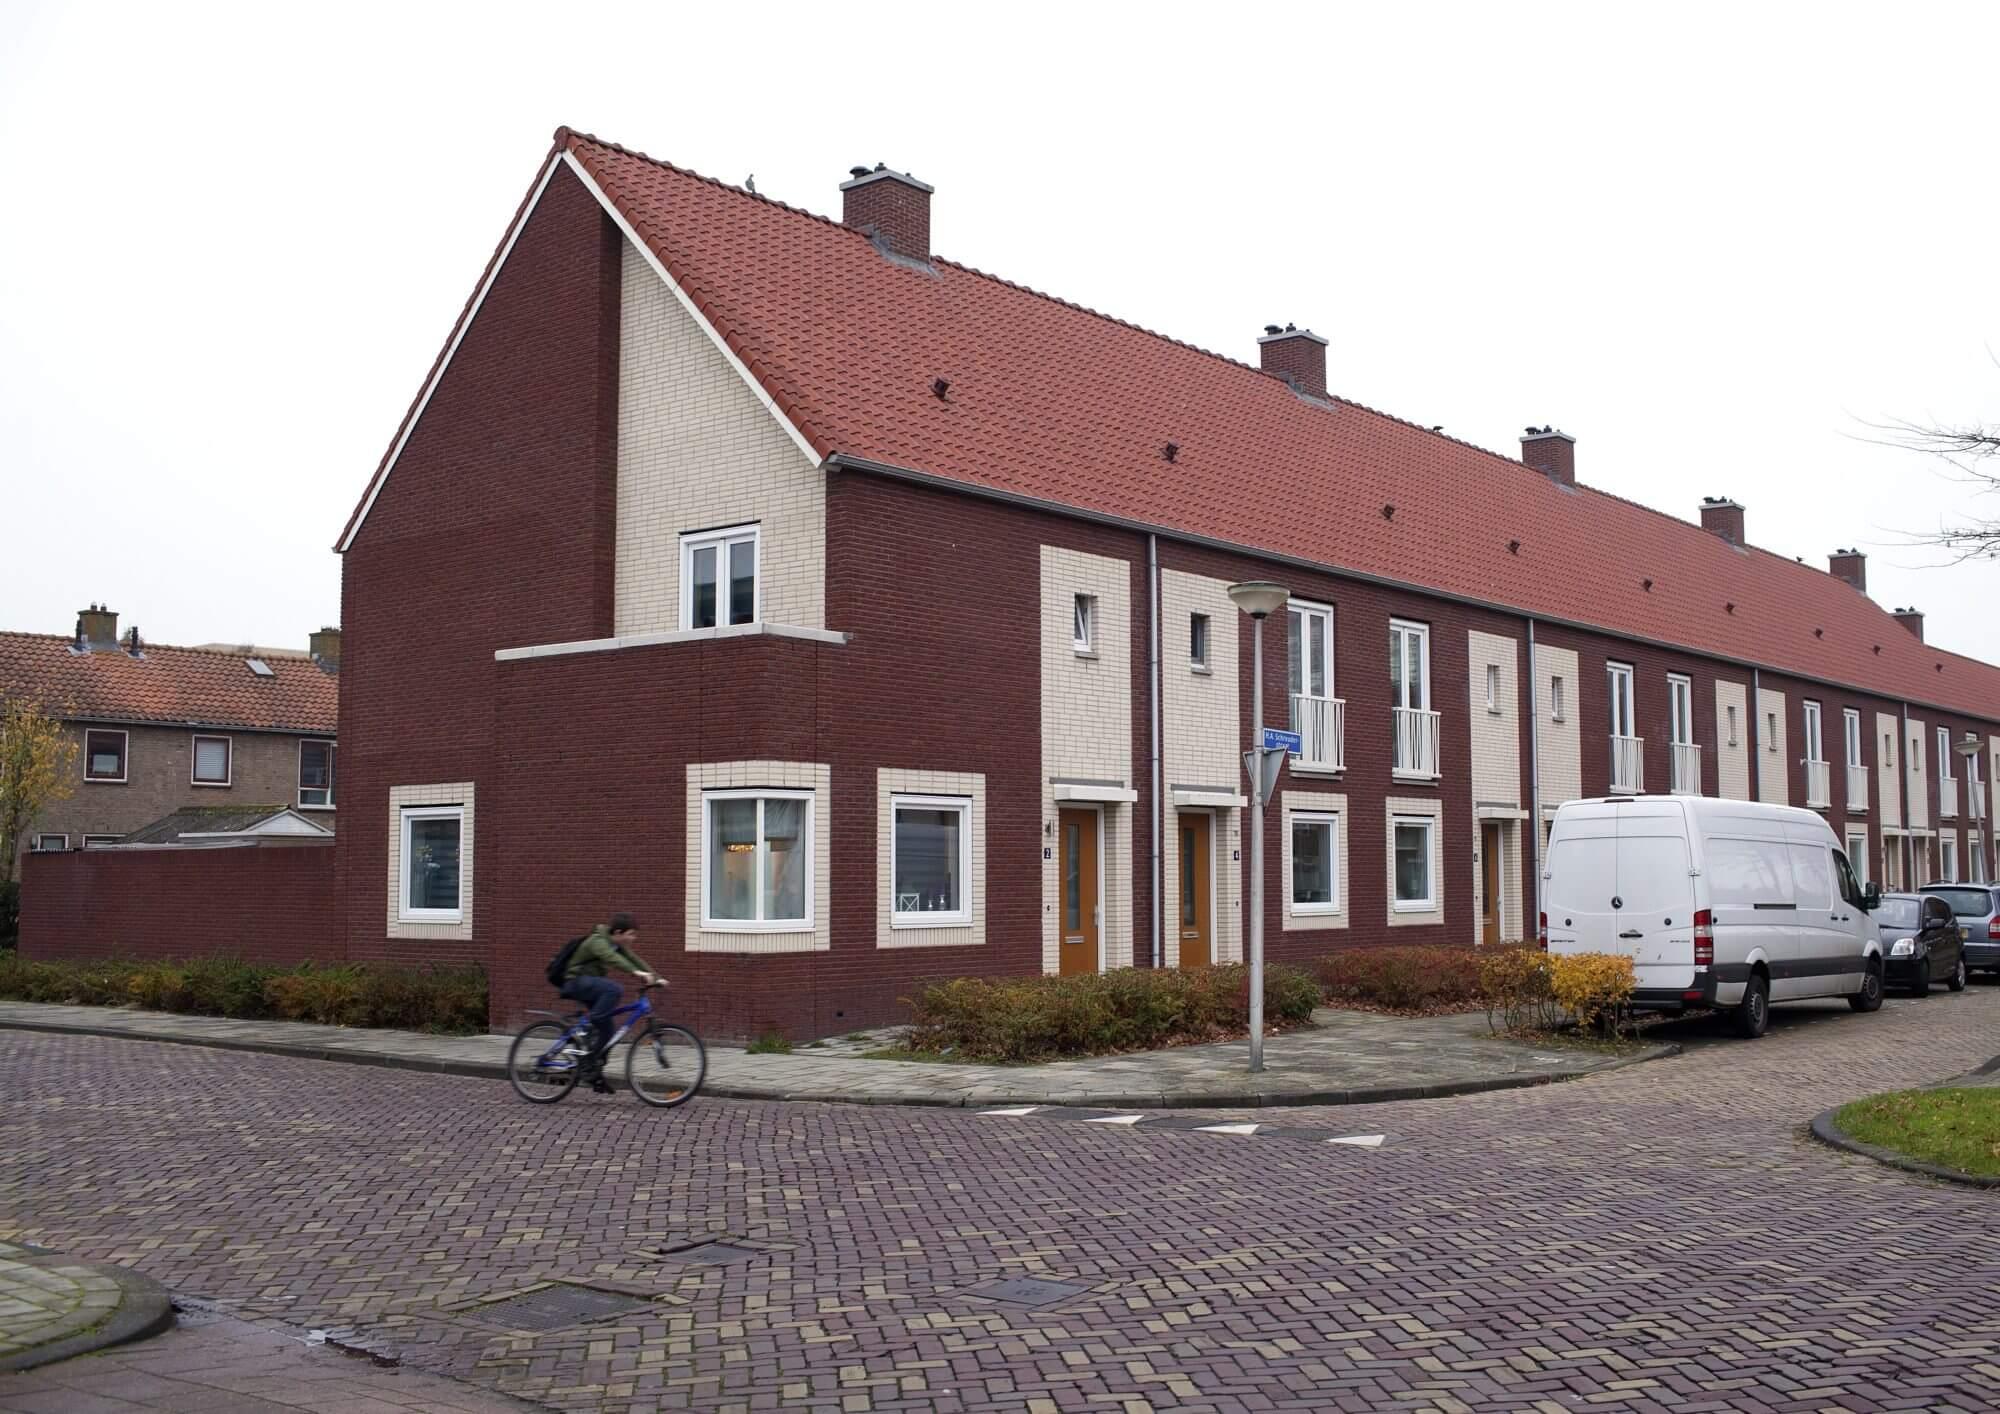 Blok 2 en 3: 22 eengezinswoningen